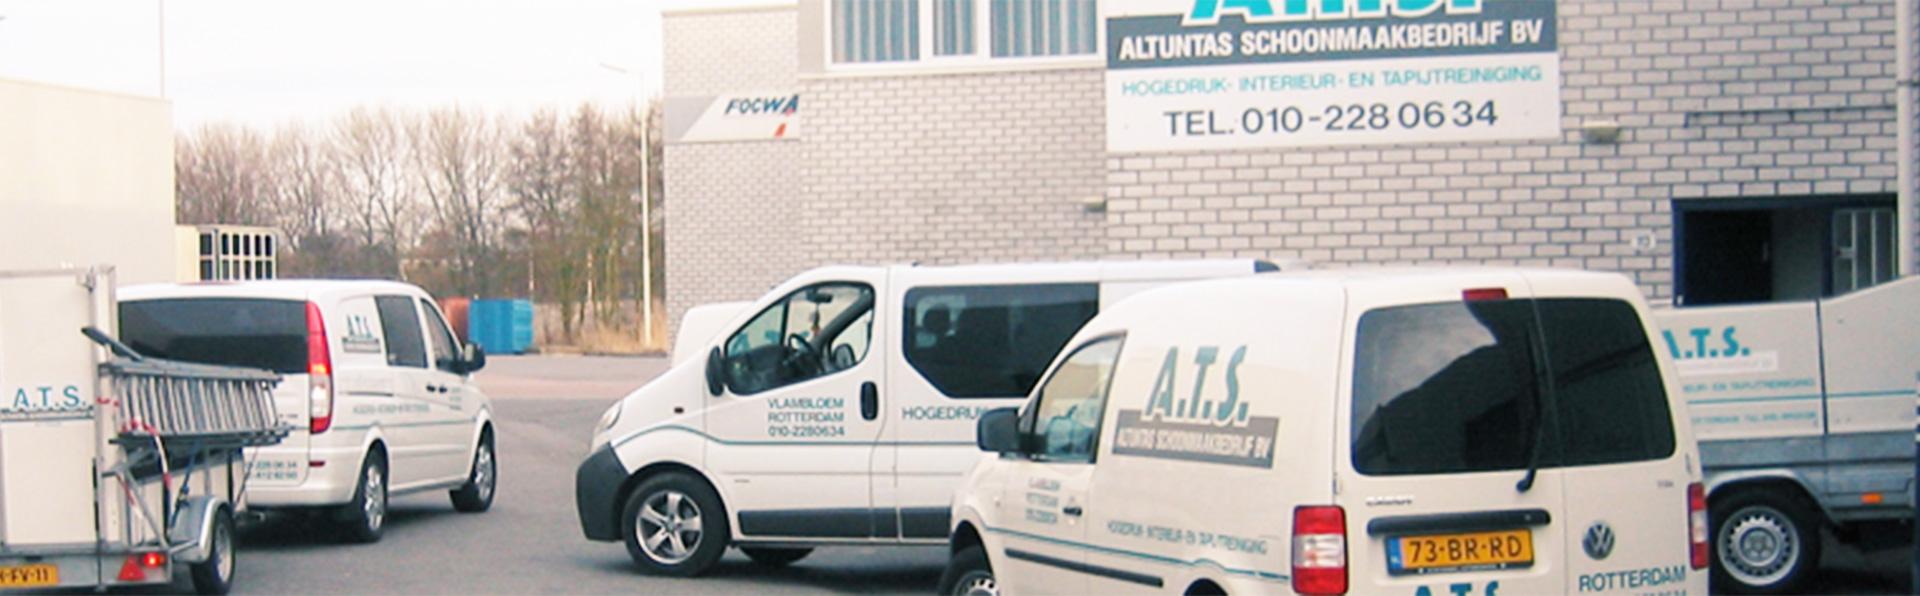 Schoonmaakbedrijf-Amsterdam-ATS-header